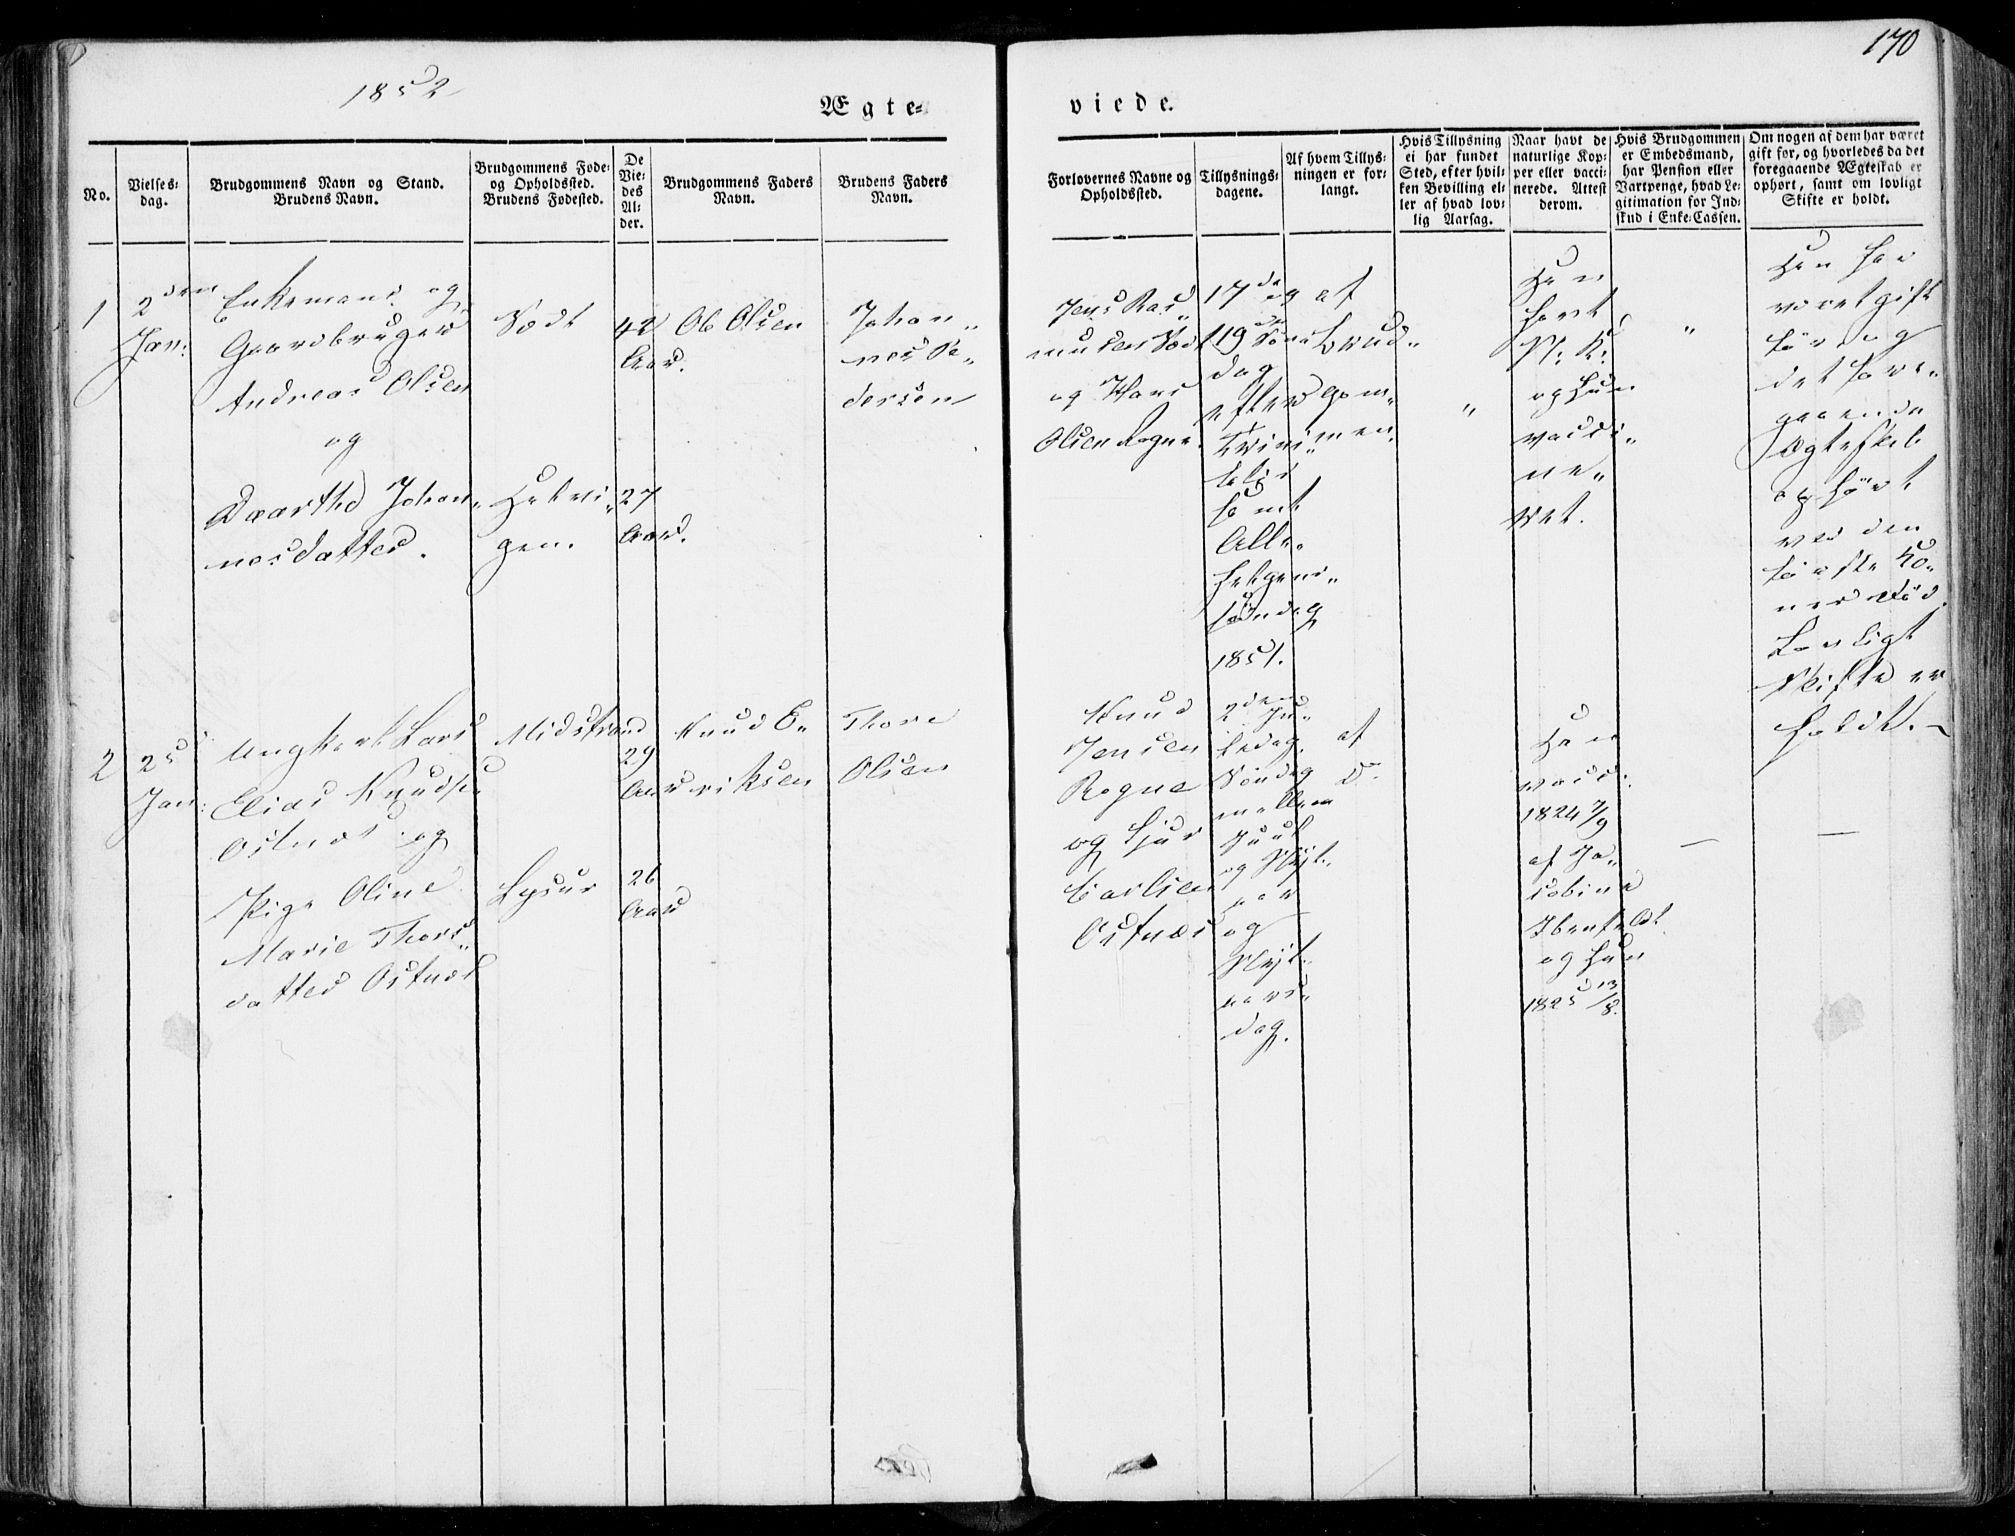 SAT, Ministerialprotokoller, klokkerbøker og fødselsregistre - Møre og Romsdal, 536/L0497: Ministerialbok nr. 536A06, 1845-1865, s. 170